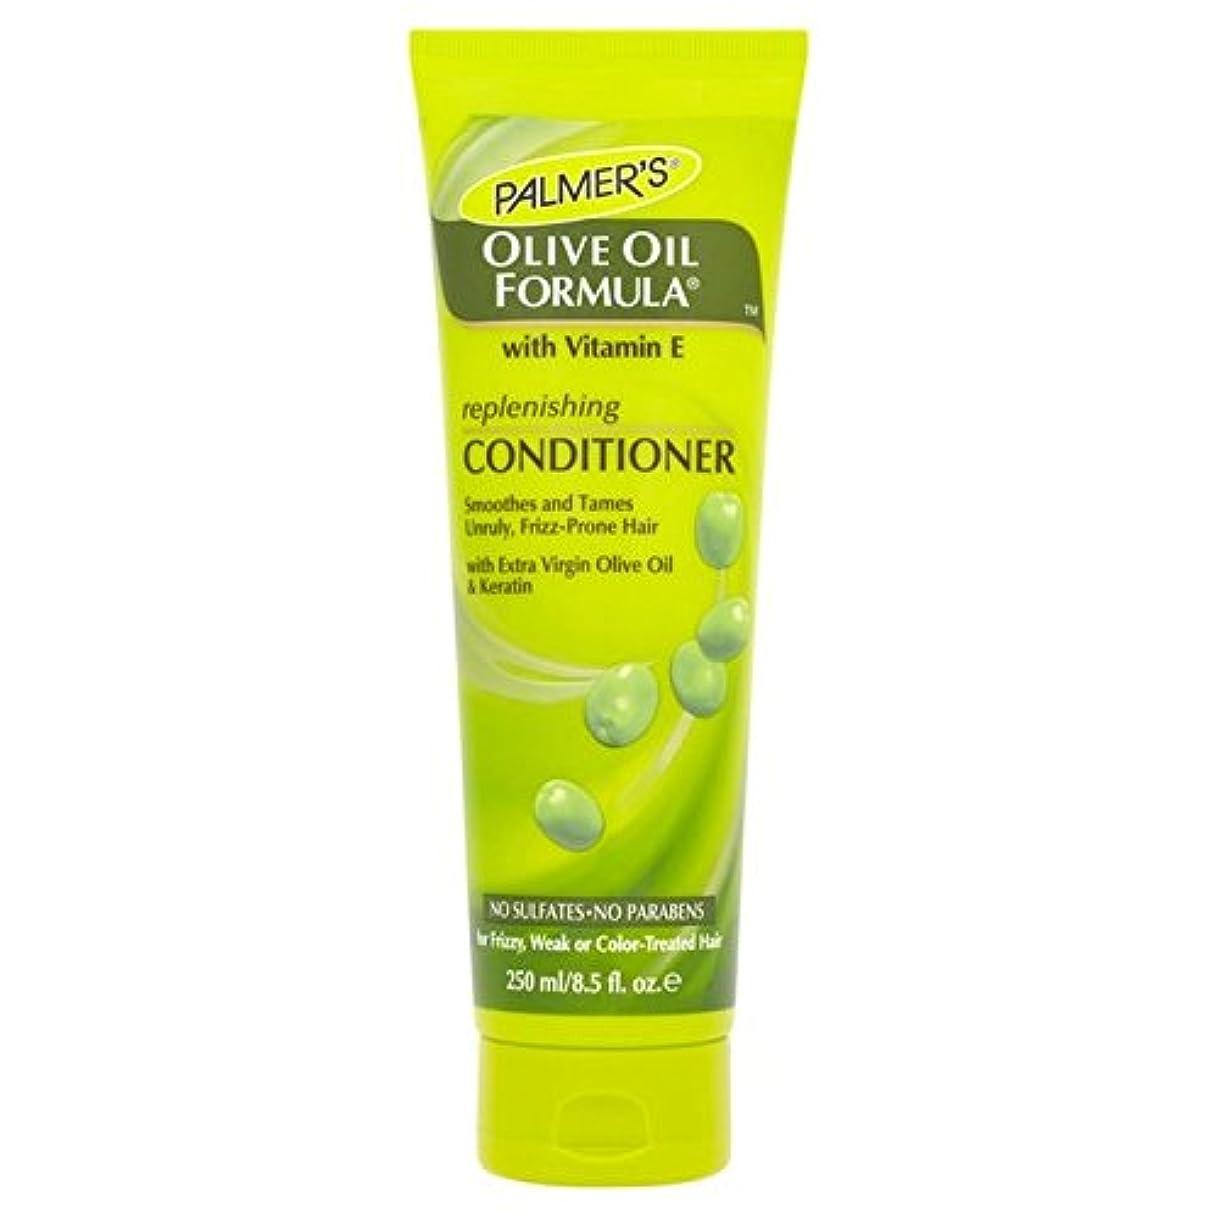 こっそりストリーム断線Palmer's Olive Oil Formula Restoring Conditioner 250ml - パーマーのオリーブオイル式リストアコンディショナー250 [並行輸入品]